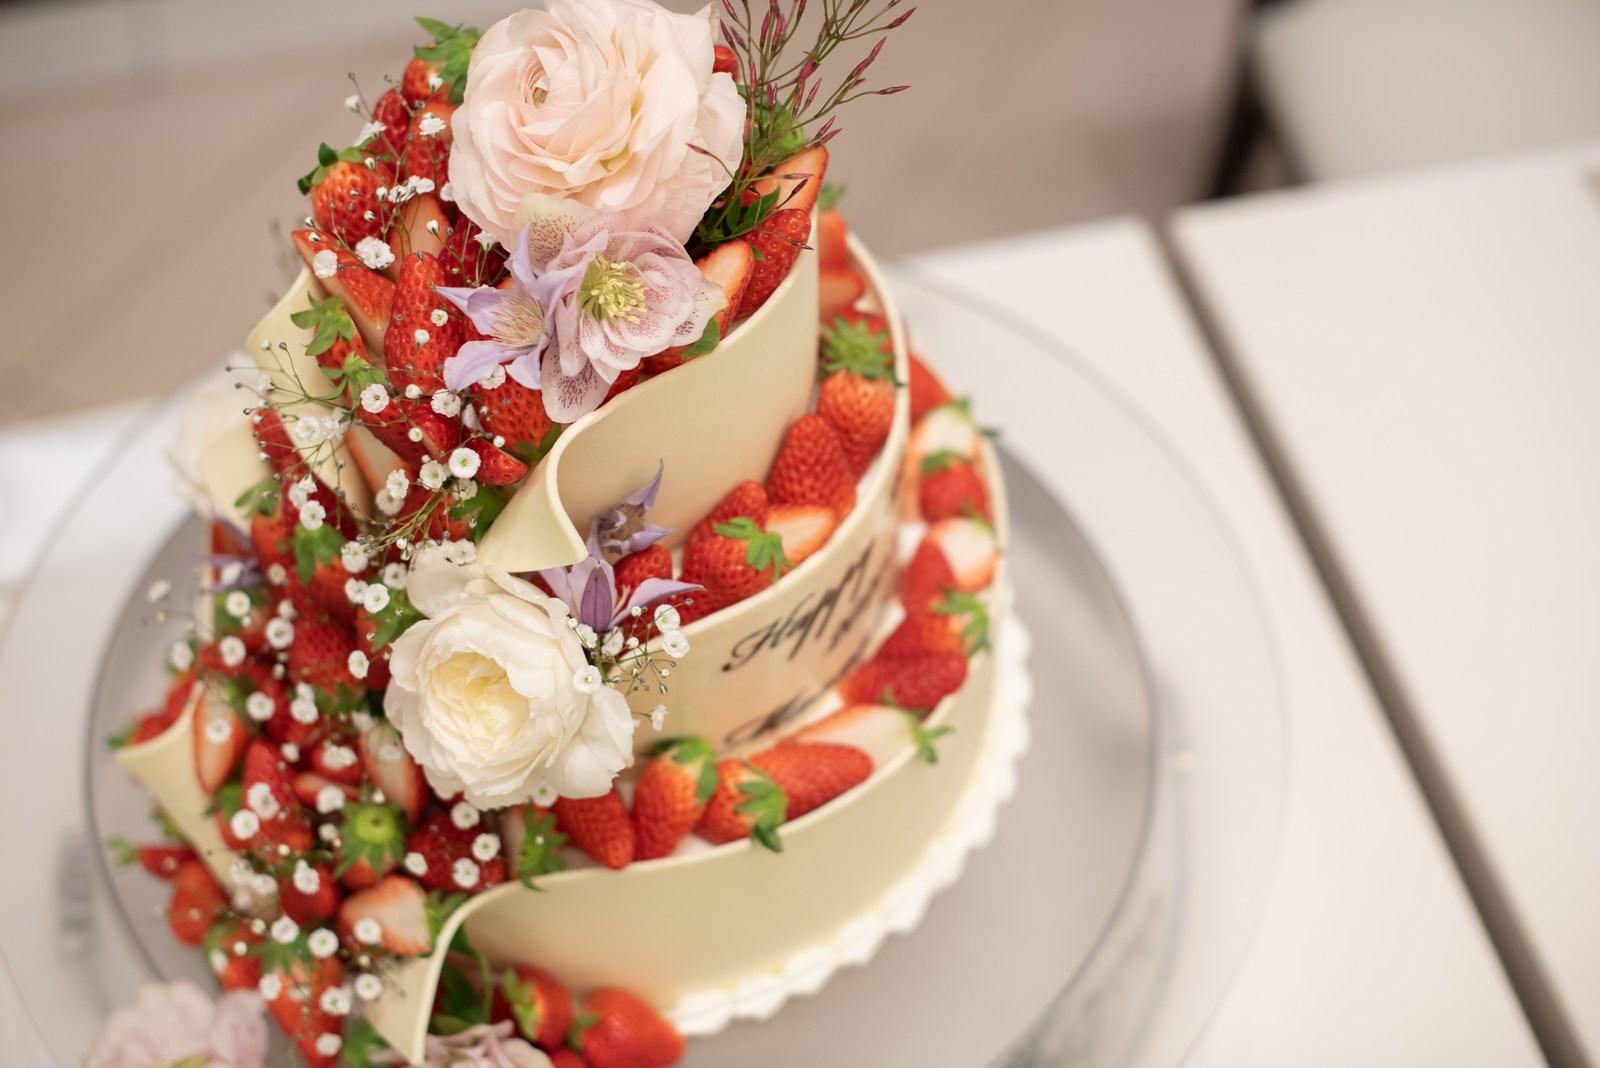 徳島県の結婚式場ブランアンジュで苺やフルーツが溢れるウエディングケーキ